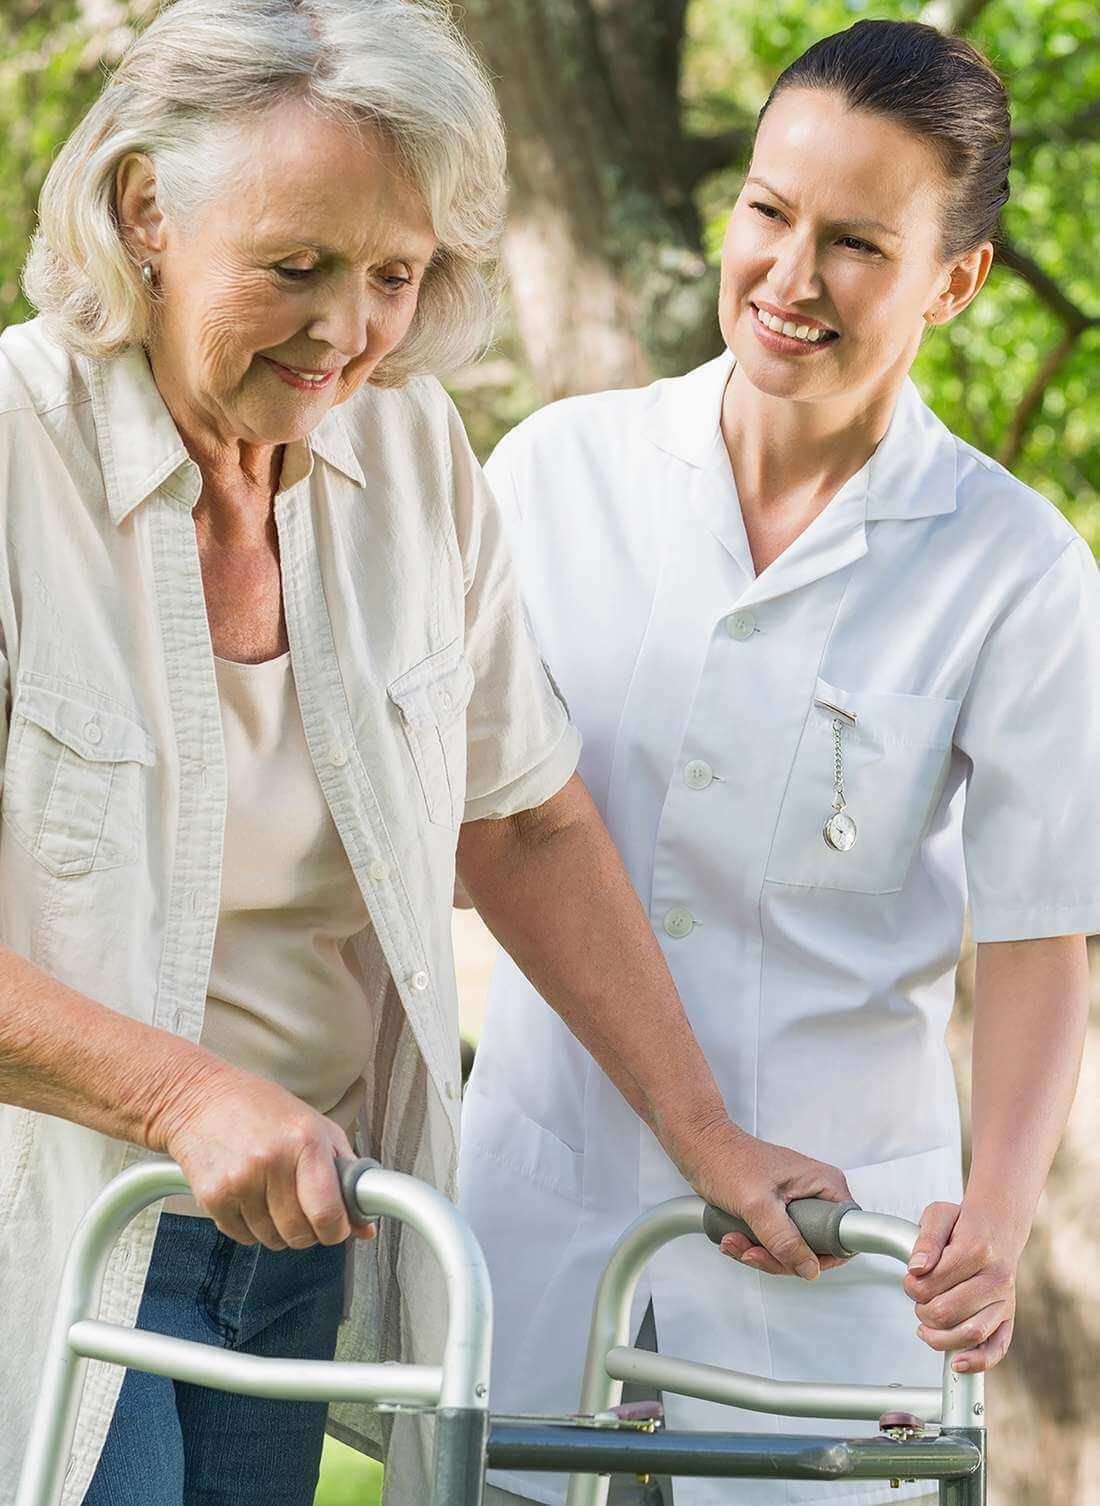 Pflegende der Spitex Arlesheim begleitet eine Seniorin mit Gehhilfe auf einen Spaziergang.